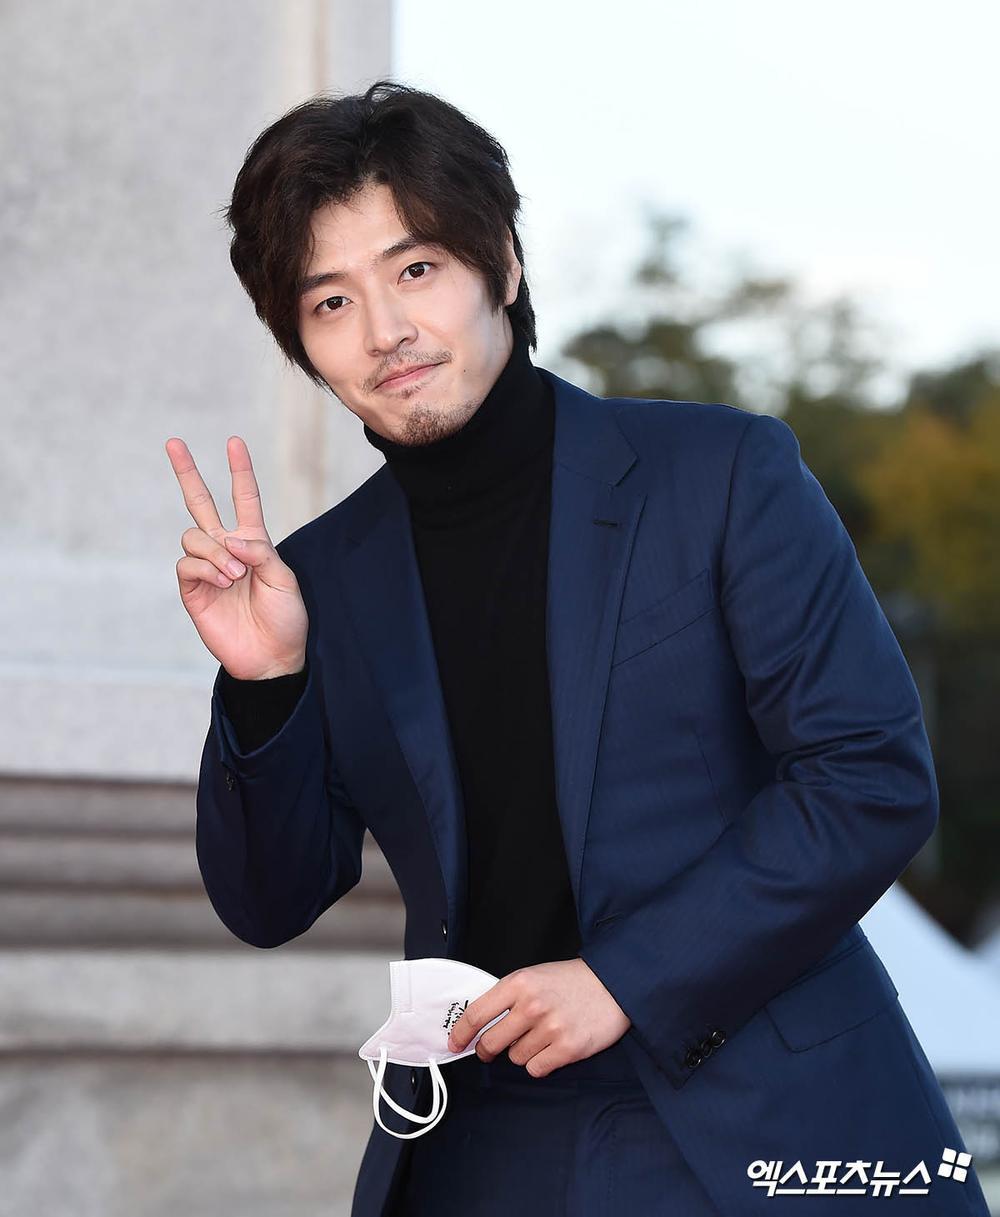 Thảm đỏ hot nhất Hàn Quốc: SEVENTEEN cùng Hyun Bin, Gong Hyo Jin, Kim Hee Ae và Kang Ha Neul gây sốt Ảnh 18